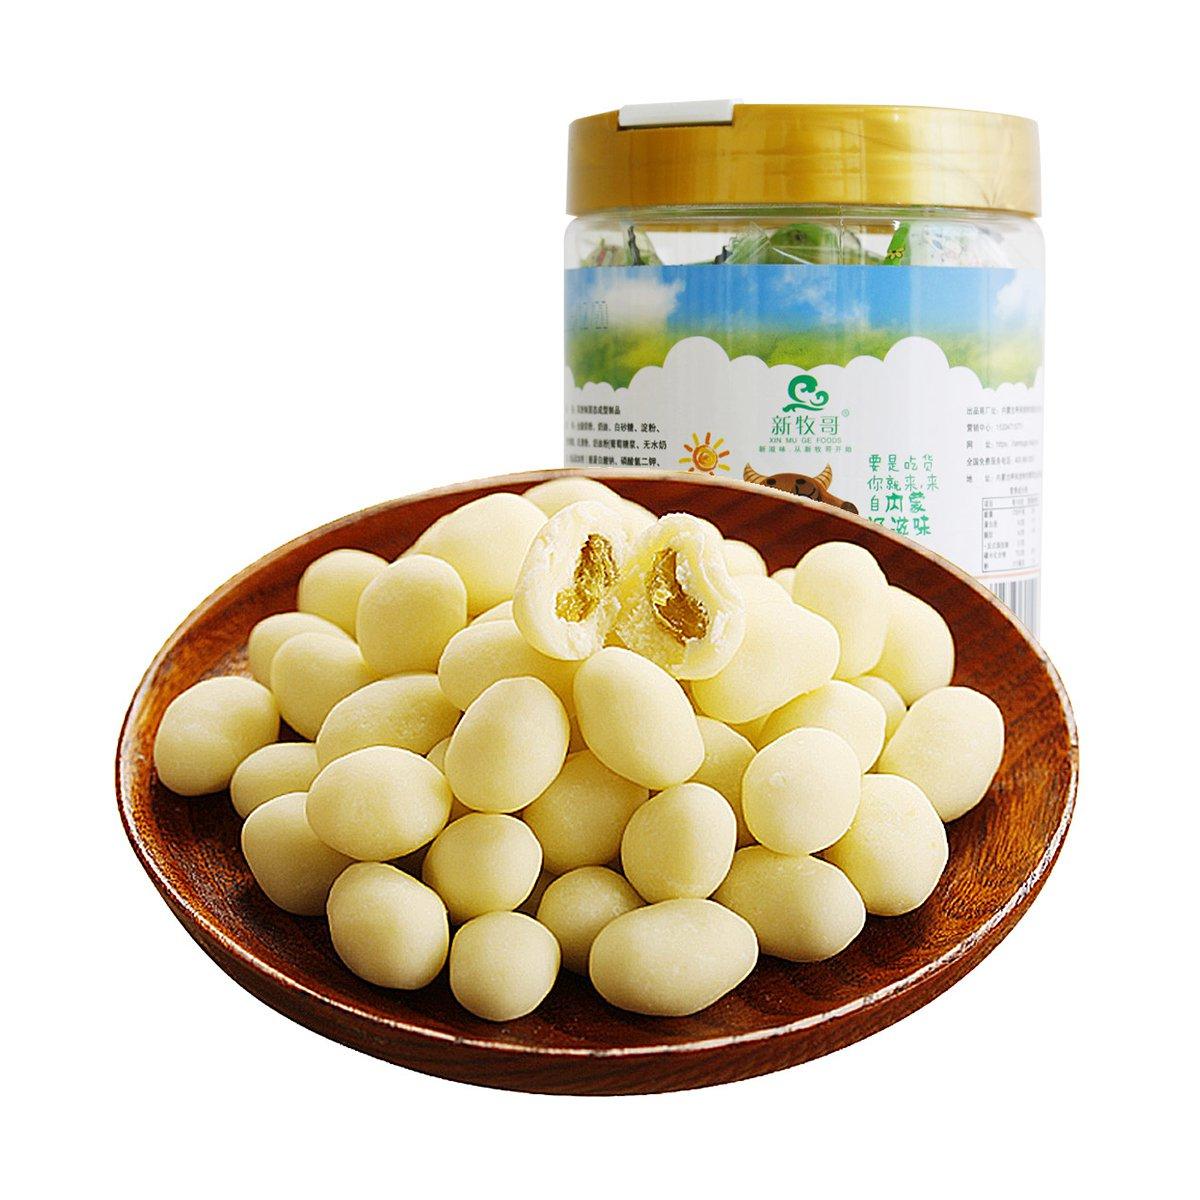 新牧哥内蒙古风味168克桶装手工提子奶豆奶酪零食小吃6940319991597